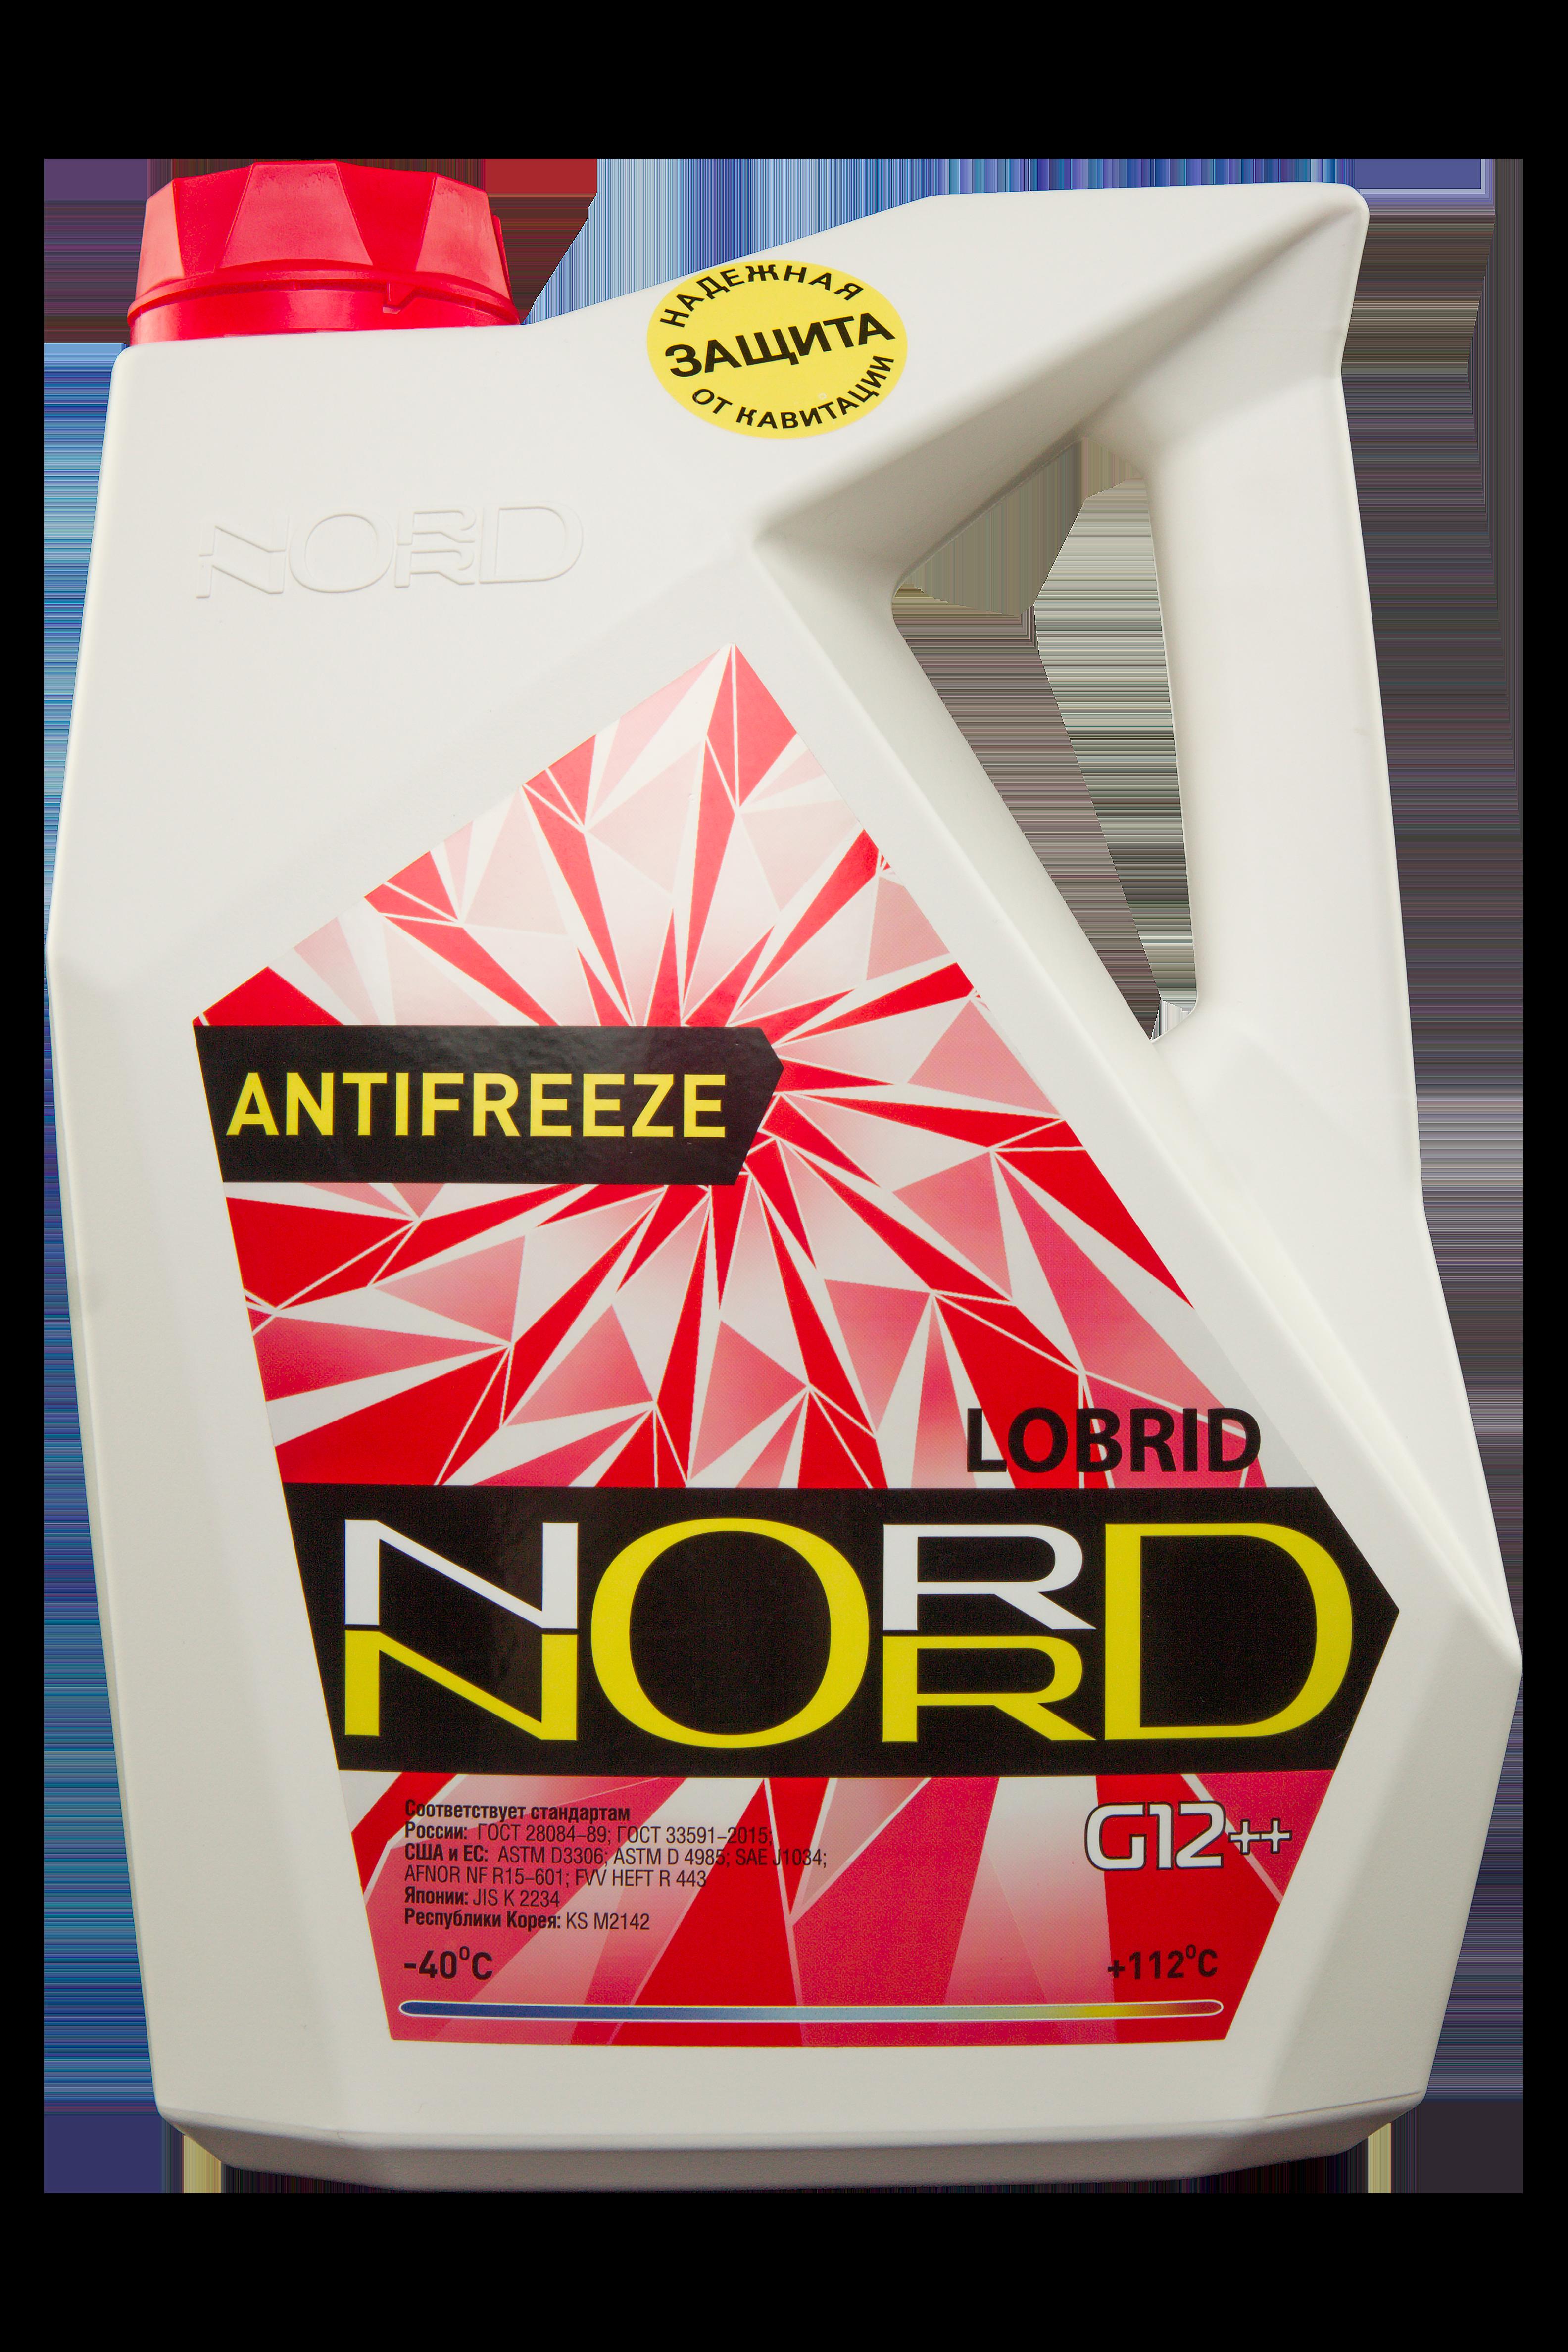 nord NR20249 Антифриз NORD High Quality Antifreeze готовый -40C красный 5 кг